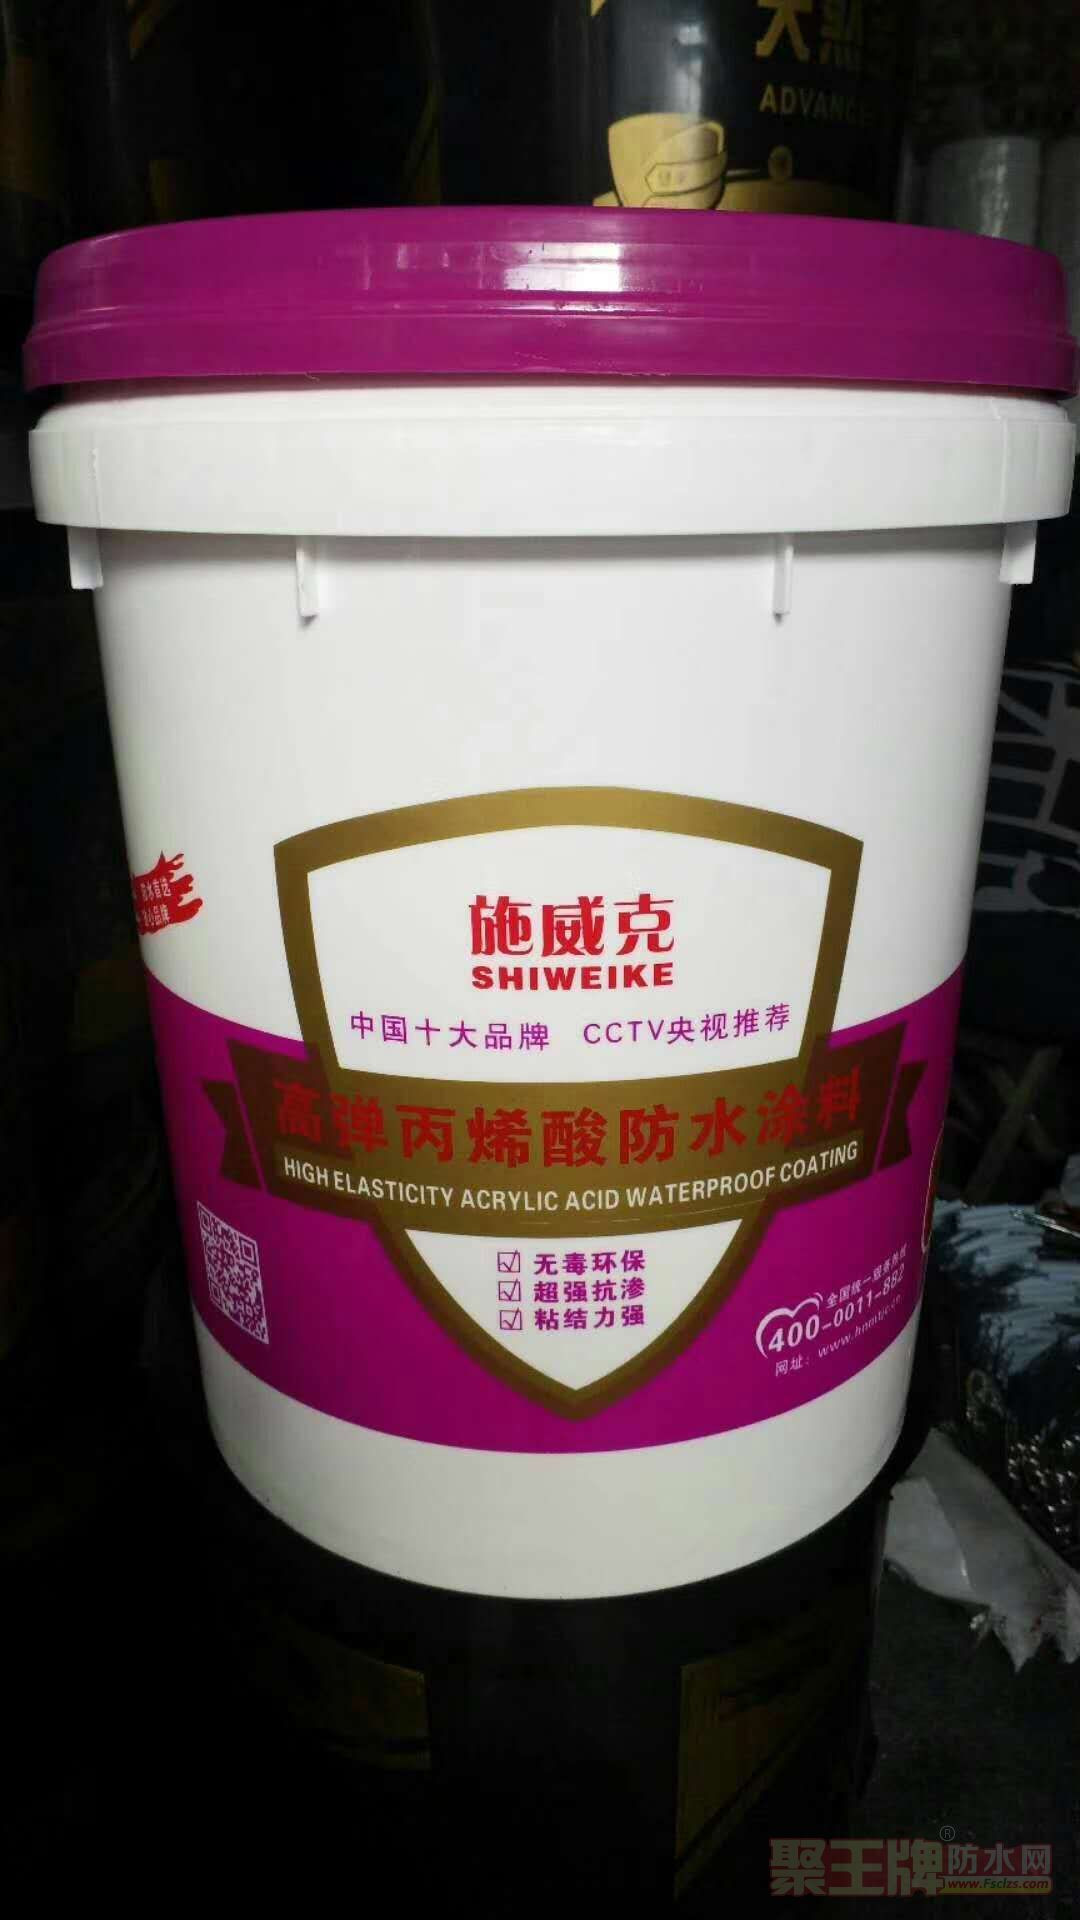 丙烯酸防水涂料 施威克厂家全国销售领先